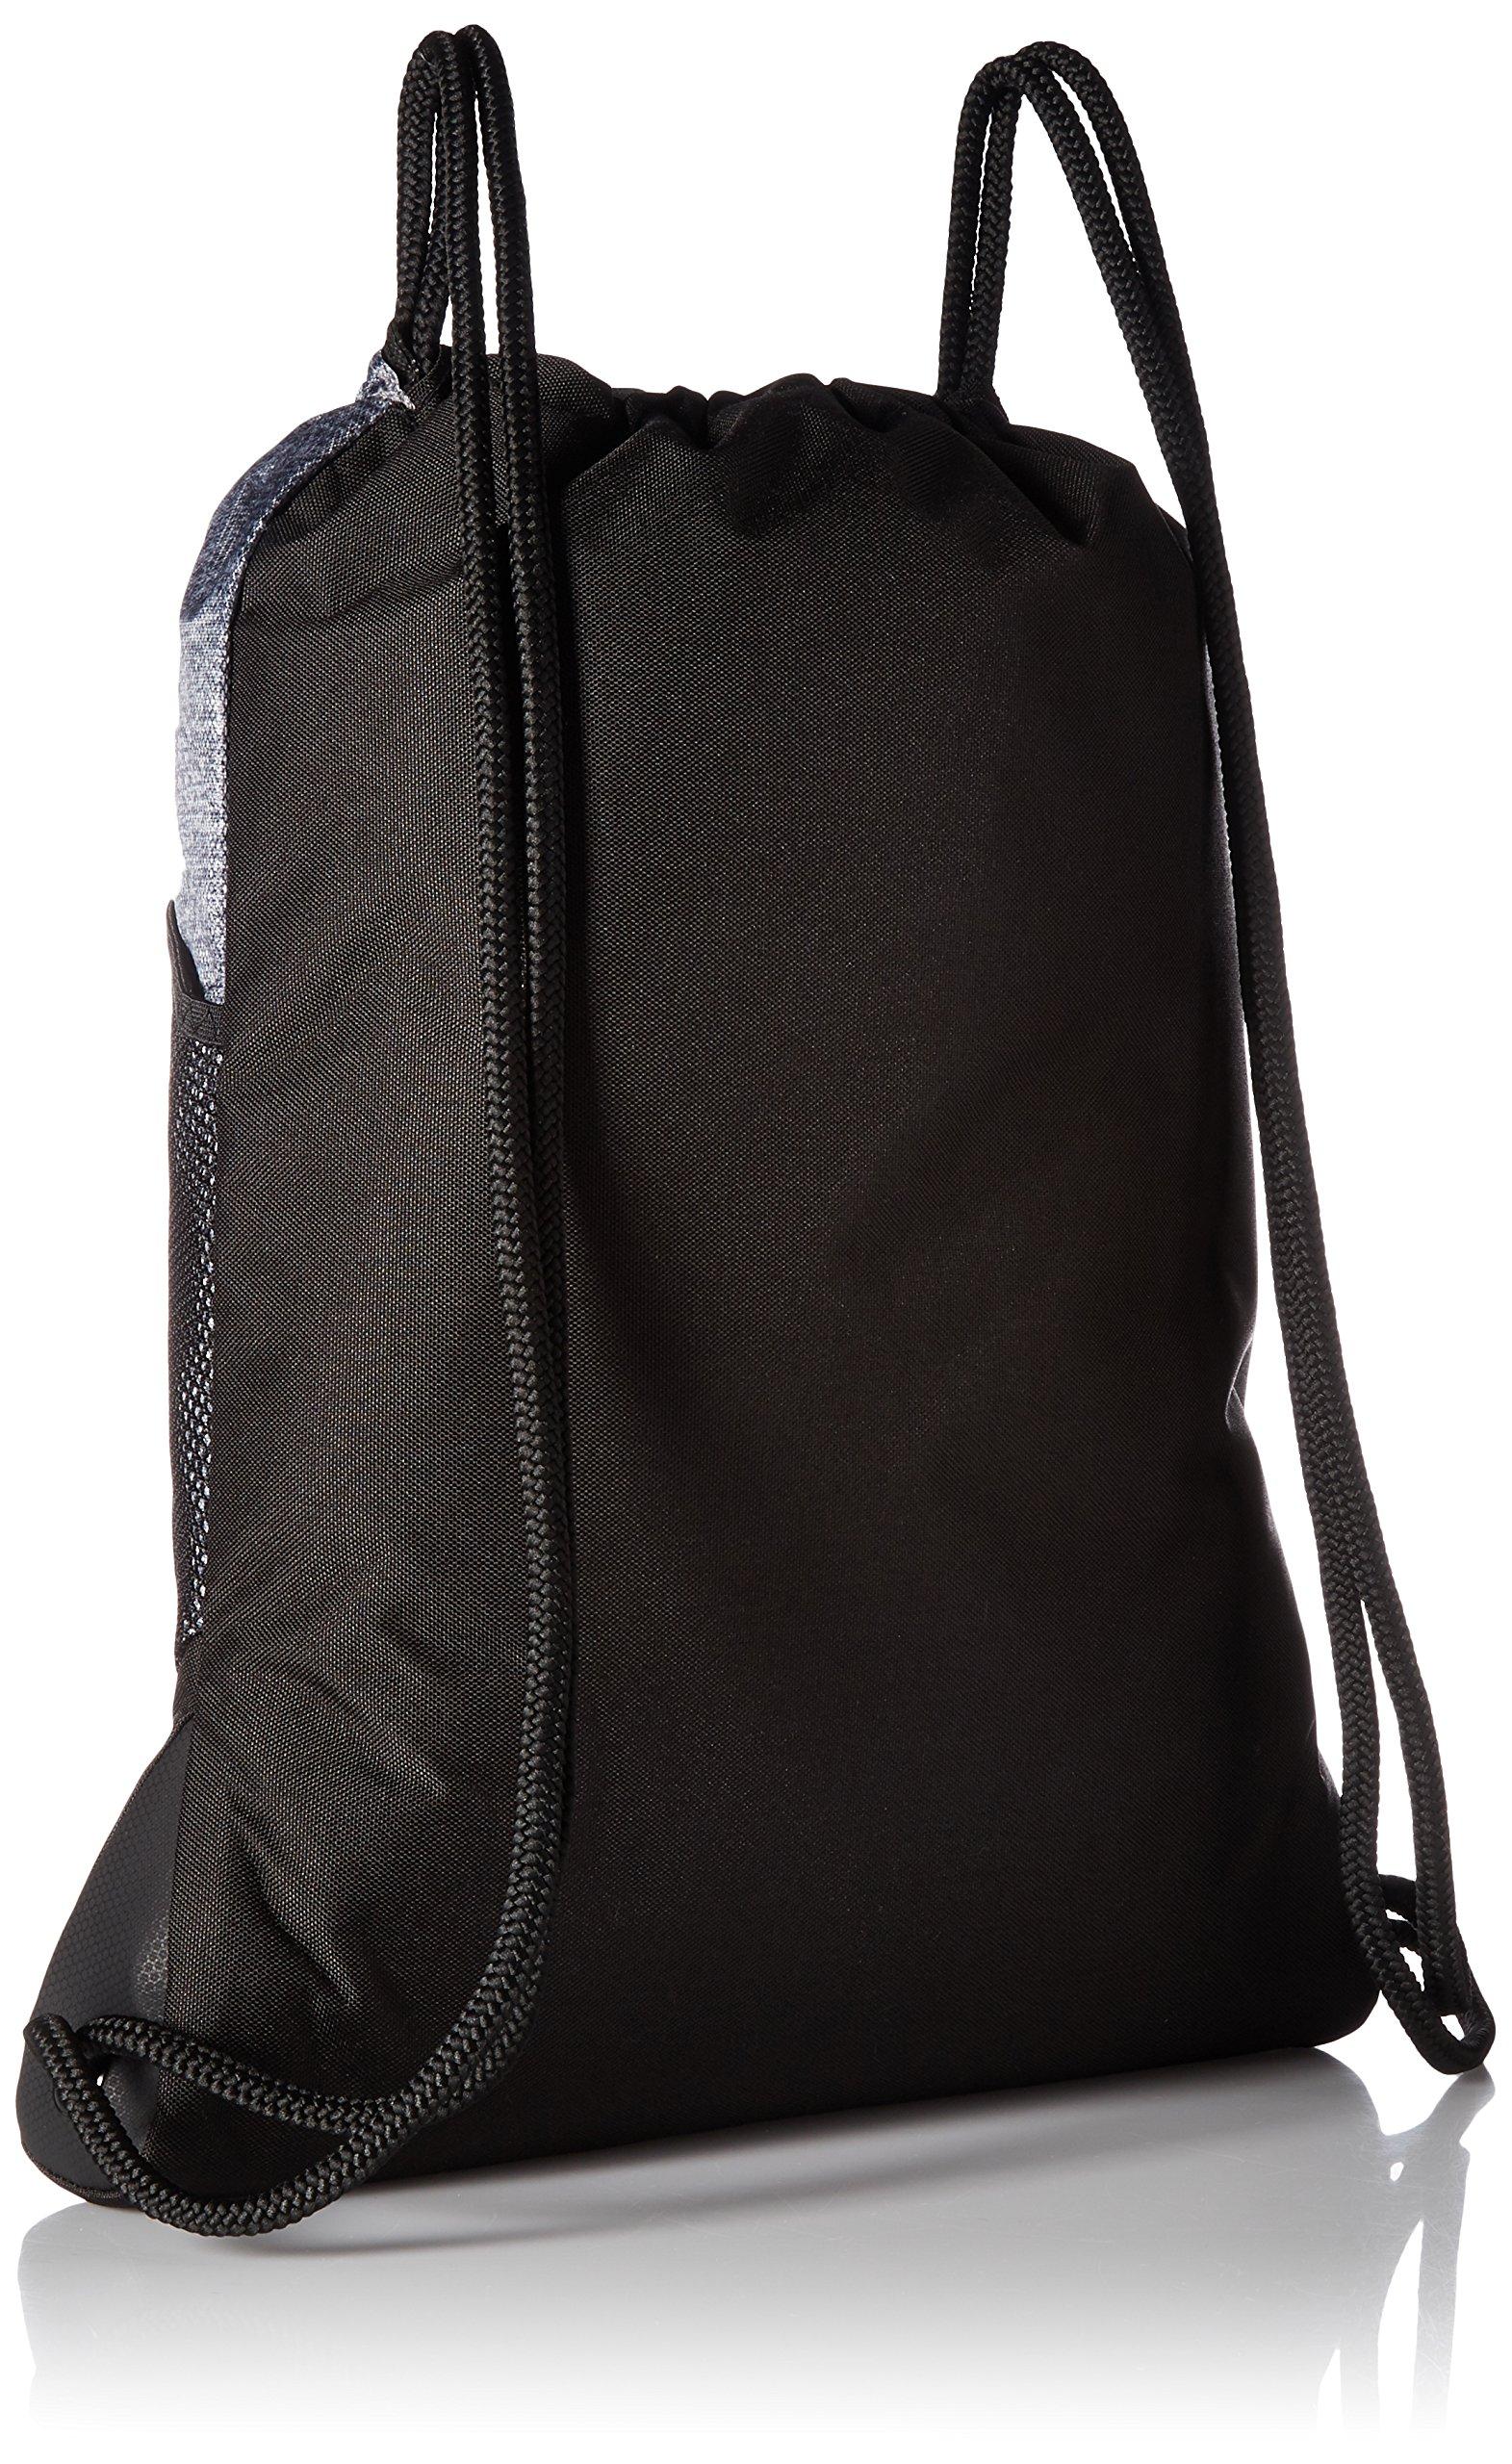 adidas Alliance II Sackpack by adidas (Image #2)